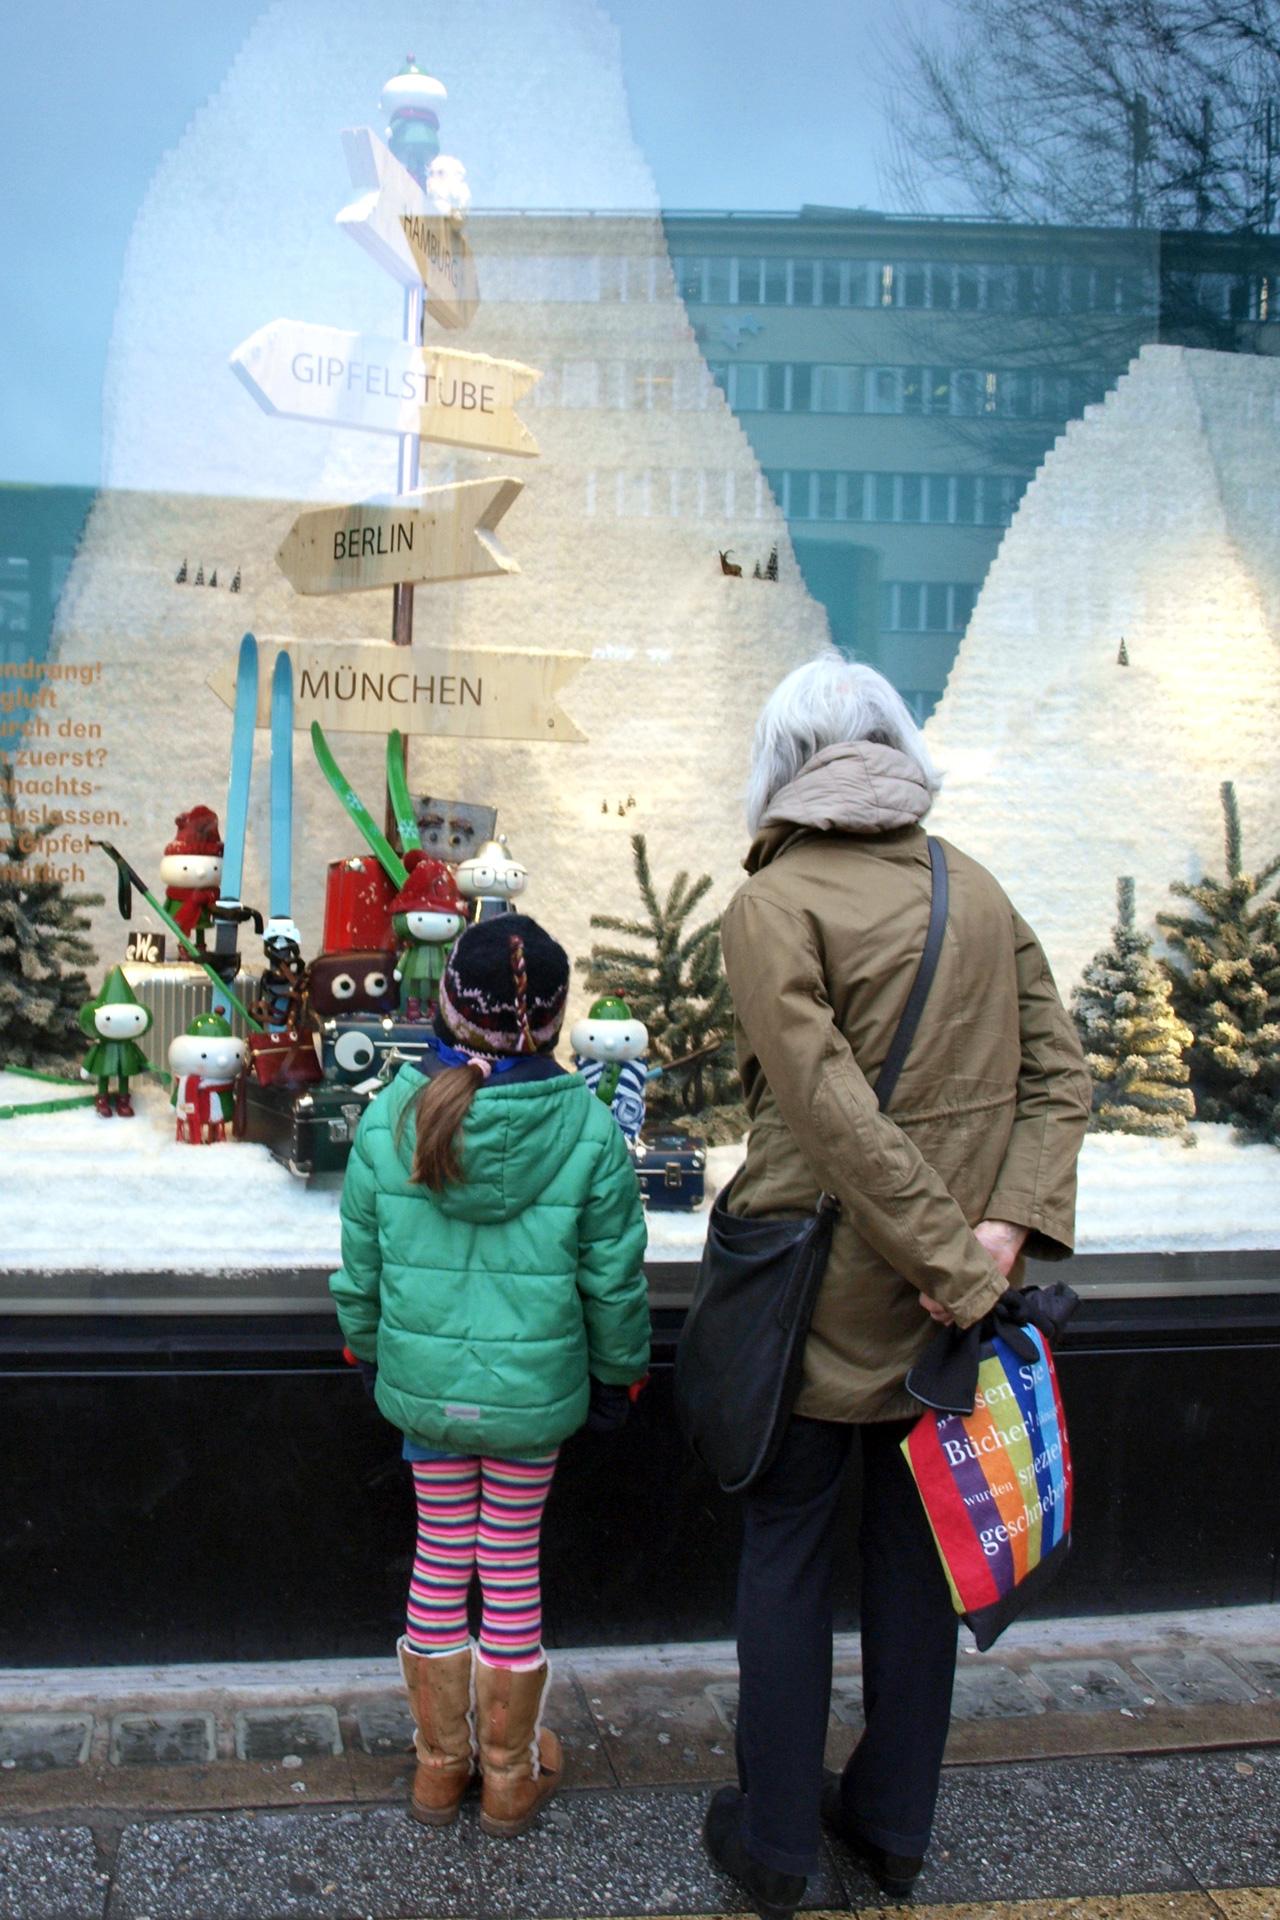 buchstabenplus - Weihnachtsdeko KaDeWe Berlin